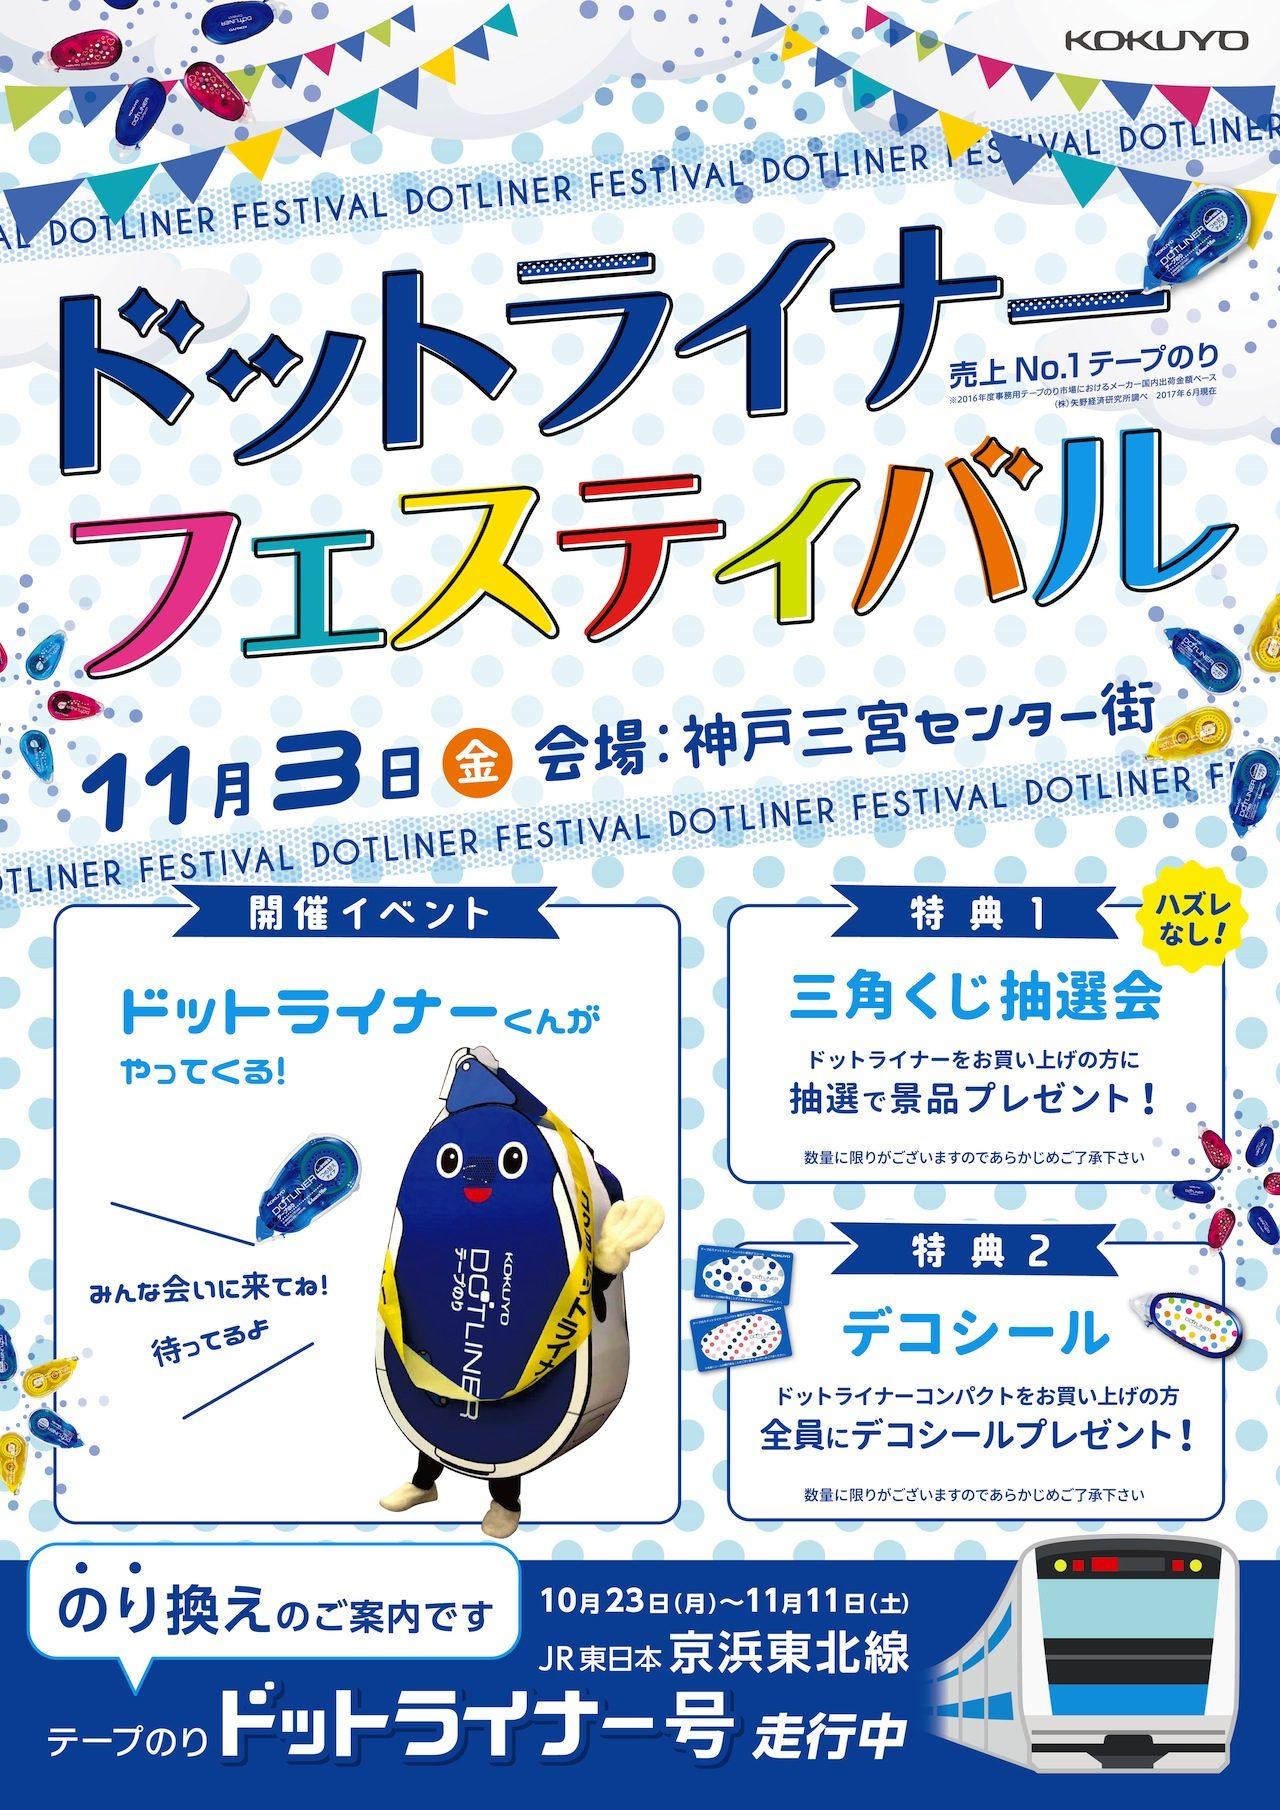 神戸・三宮センター街のイベント『屋台プロジェクト』に出店決定!先行販売、抽選会やります!!